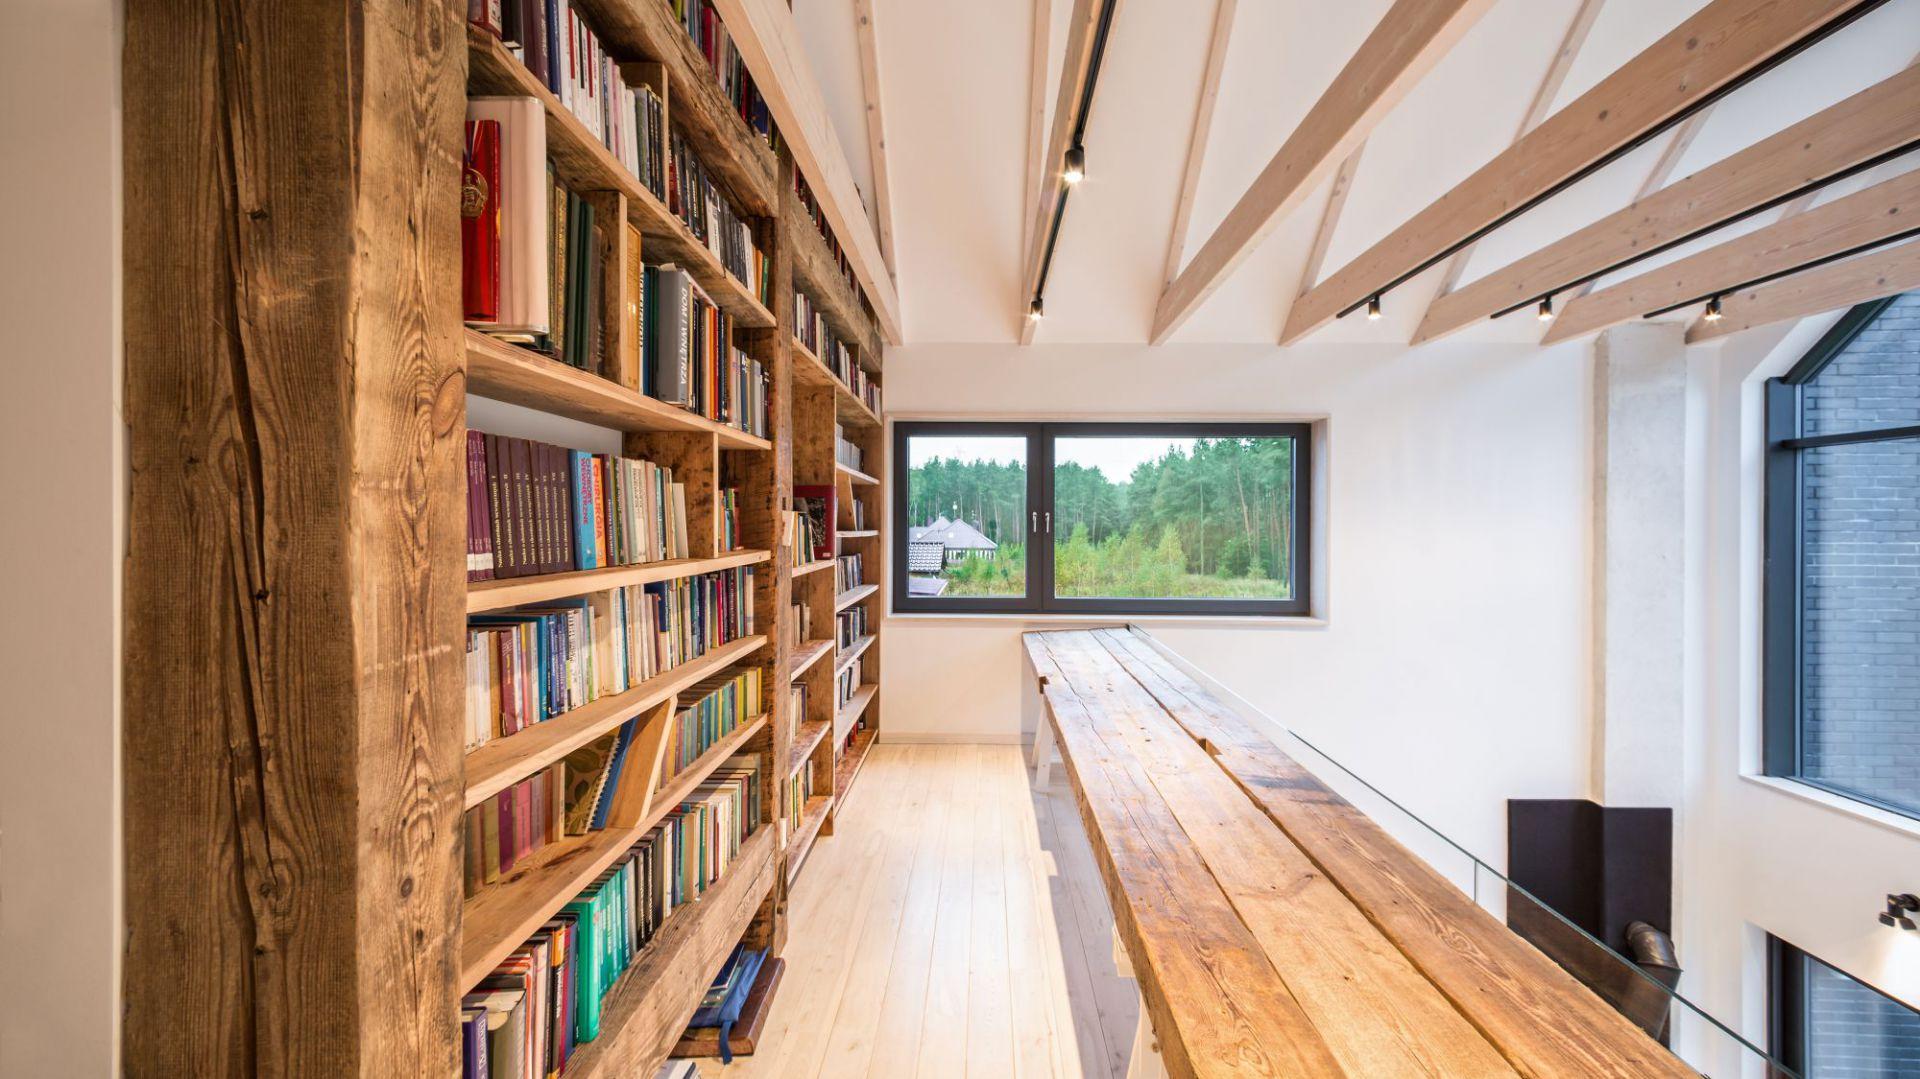 Domowa Biblioteka 20 Pomysłów Na Przechowywanie Książek